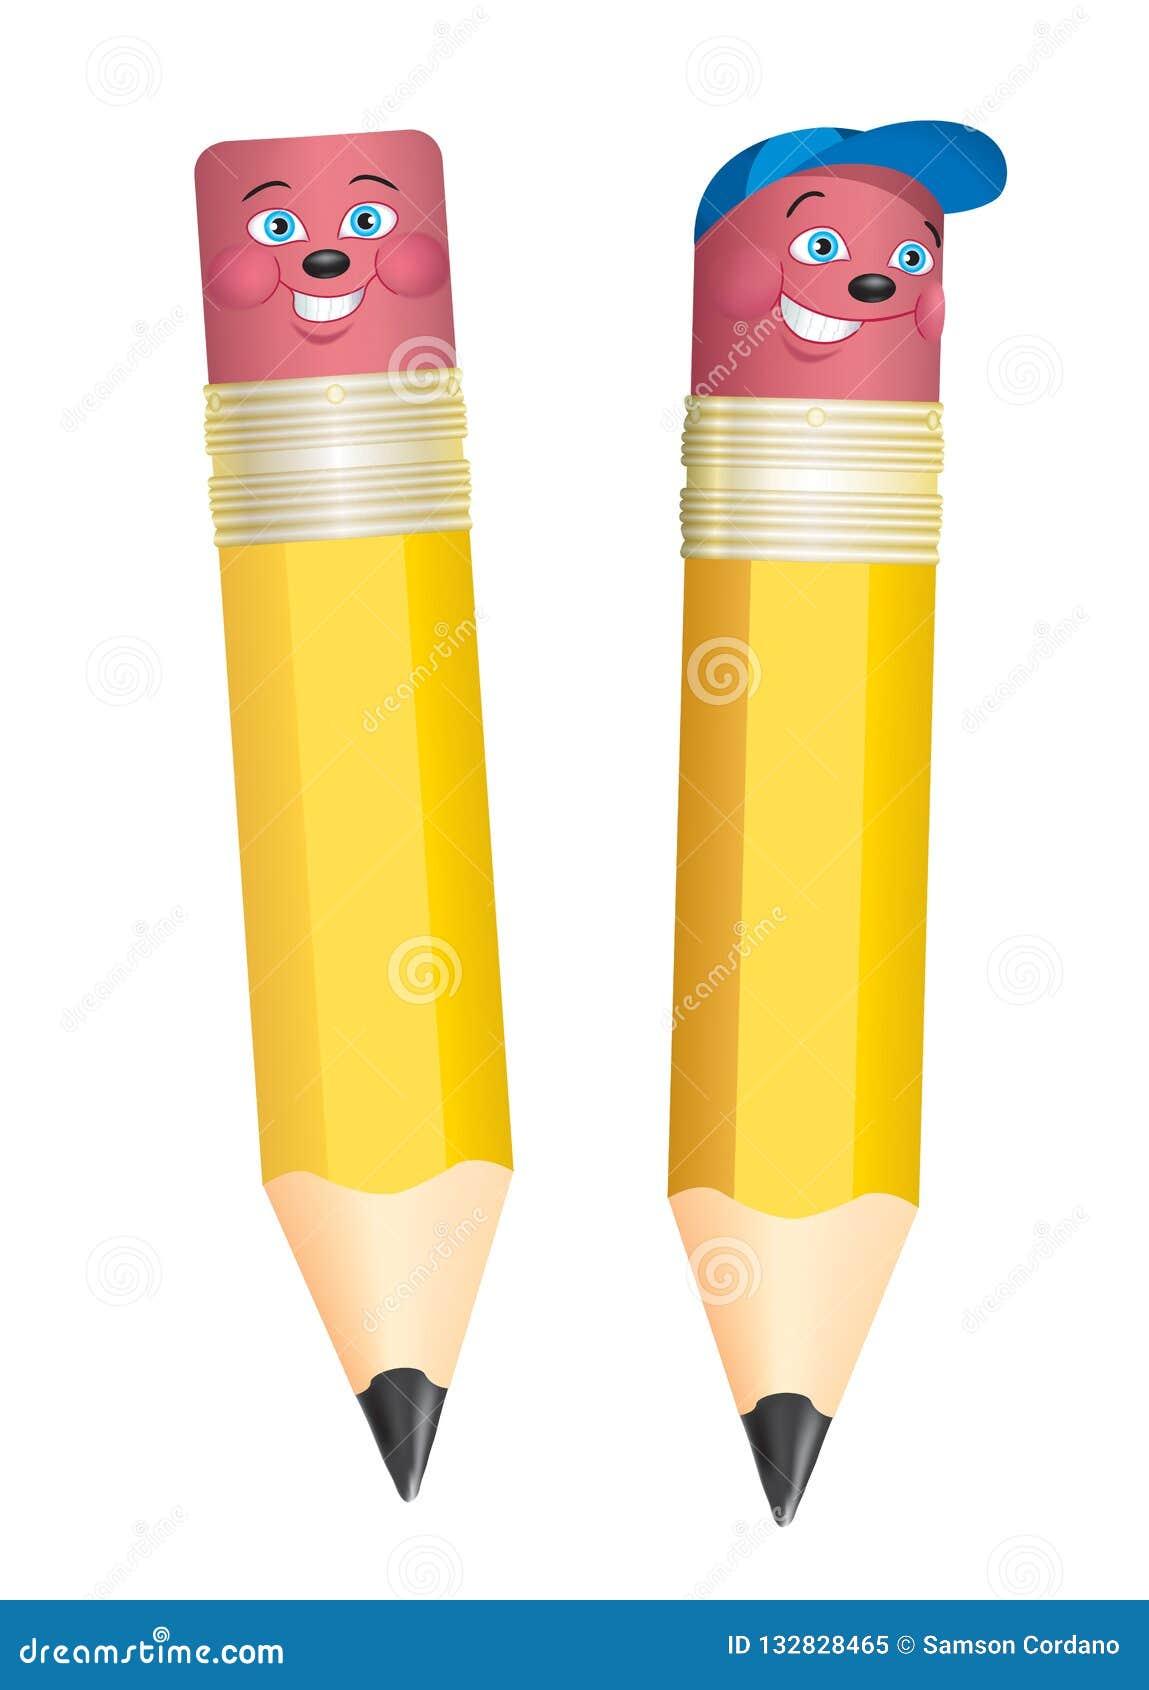 Ołówek postać z kreskówki dla promocyjnych reklam